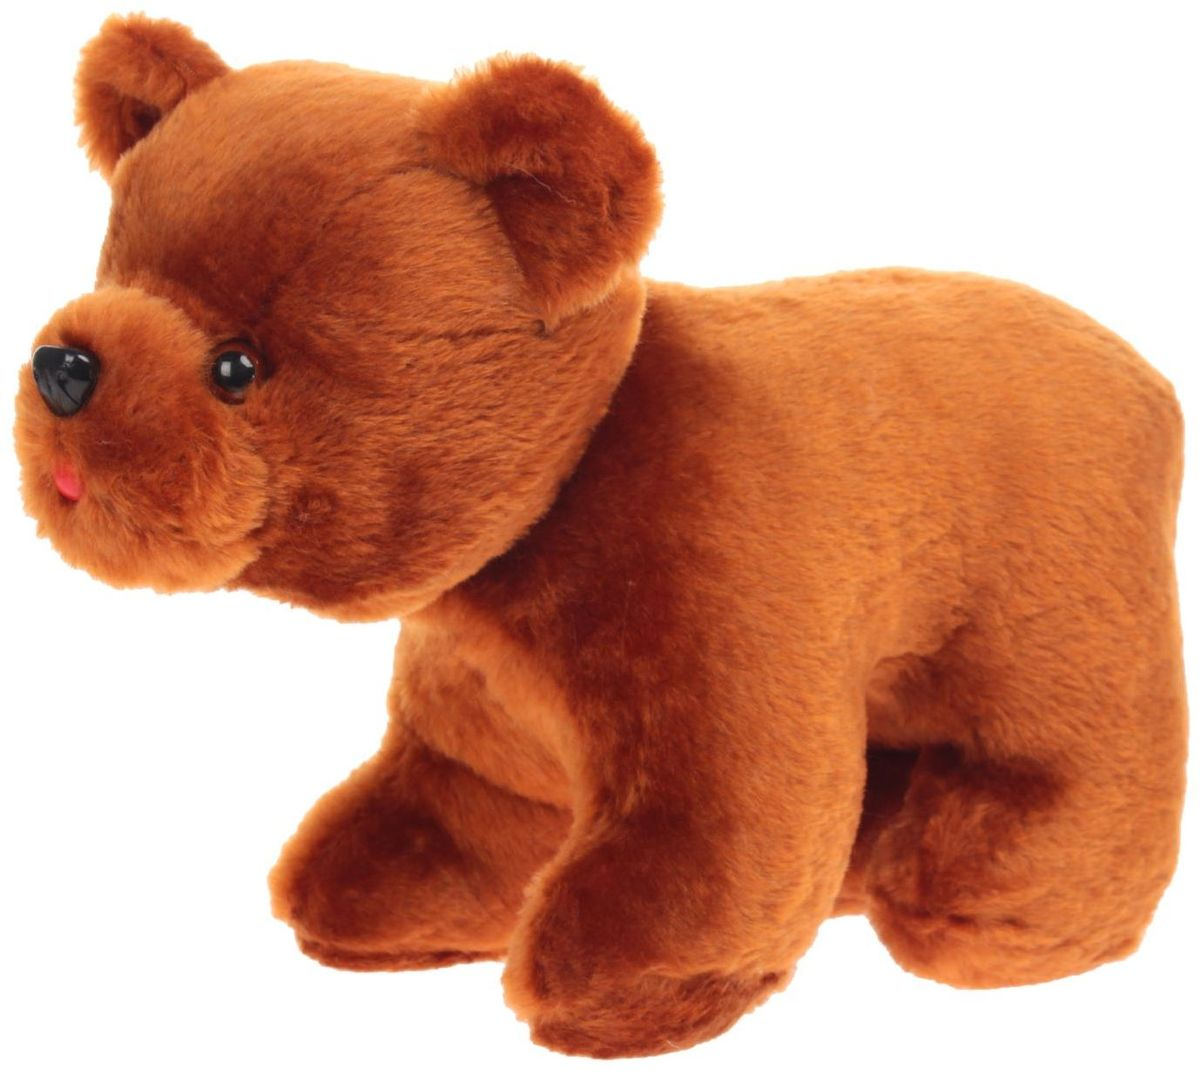 Радомир Мягкая игрушка Медведь Шалун 40 см 2008846 радомир мягкая игрушка собака соня 55 см 2008906